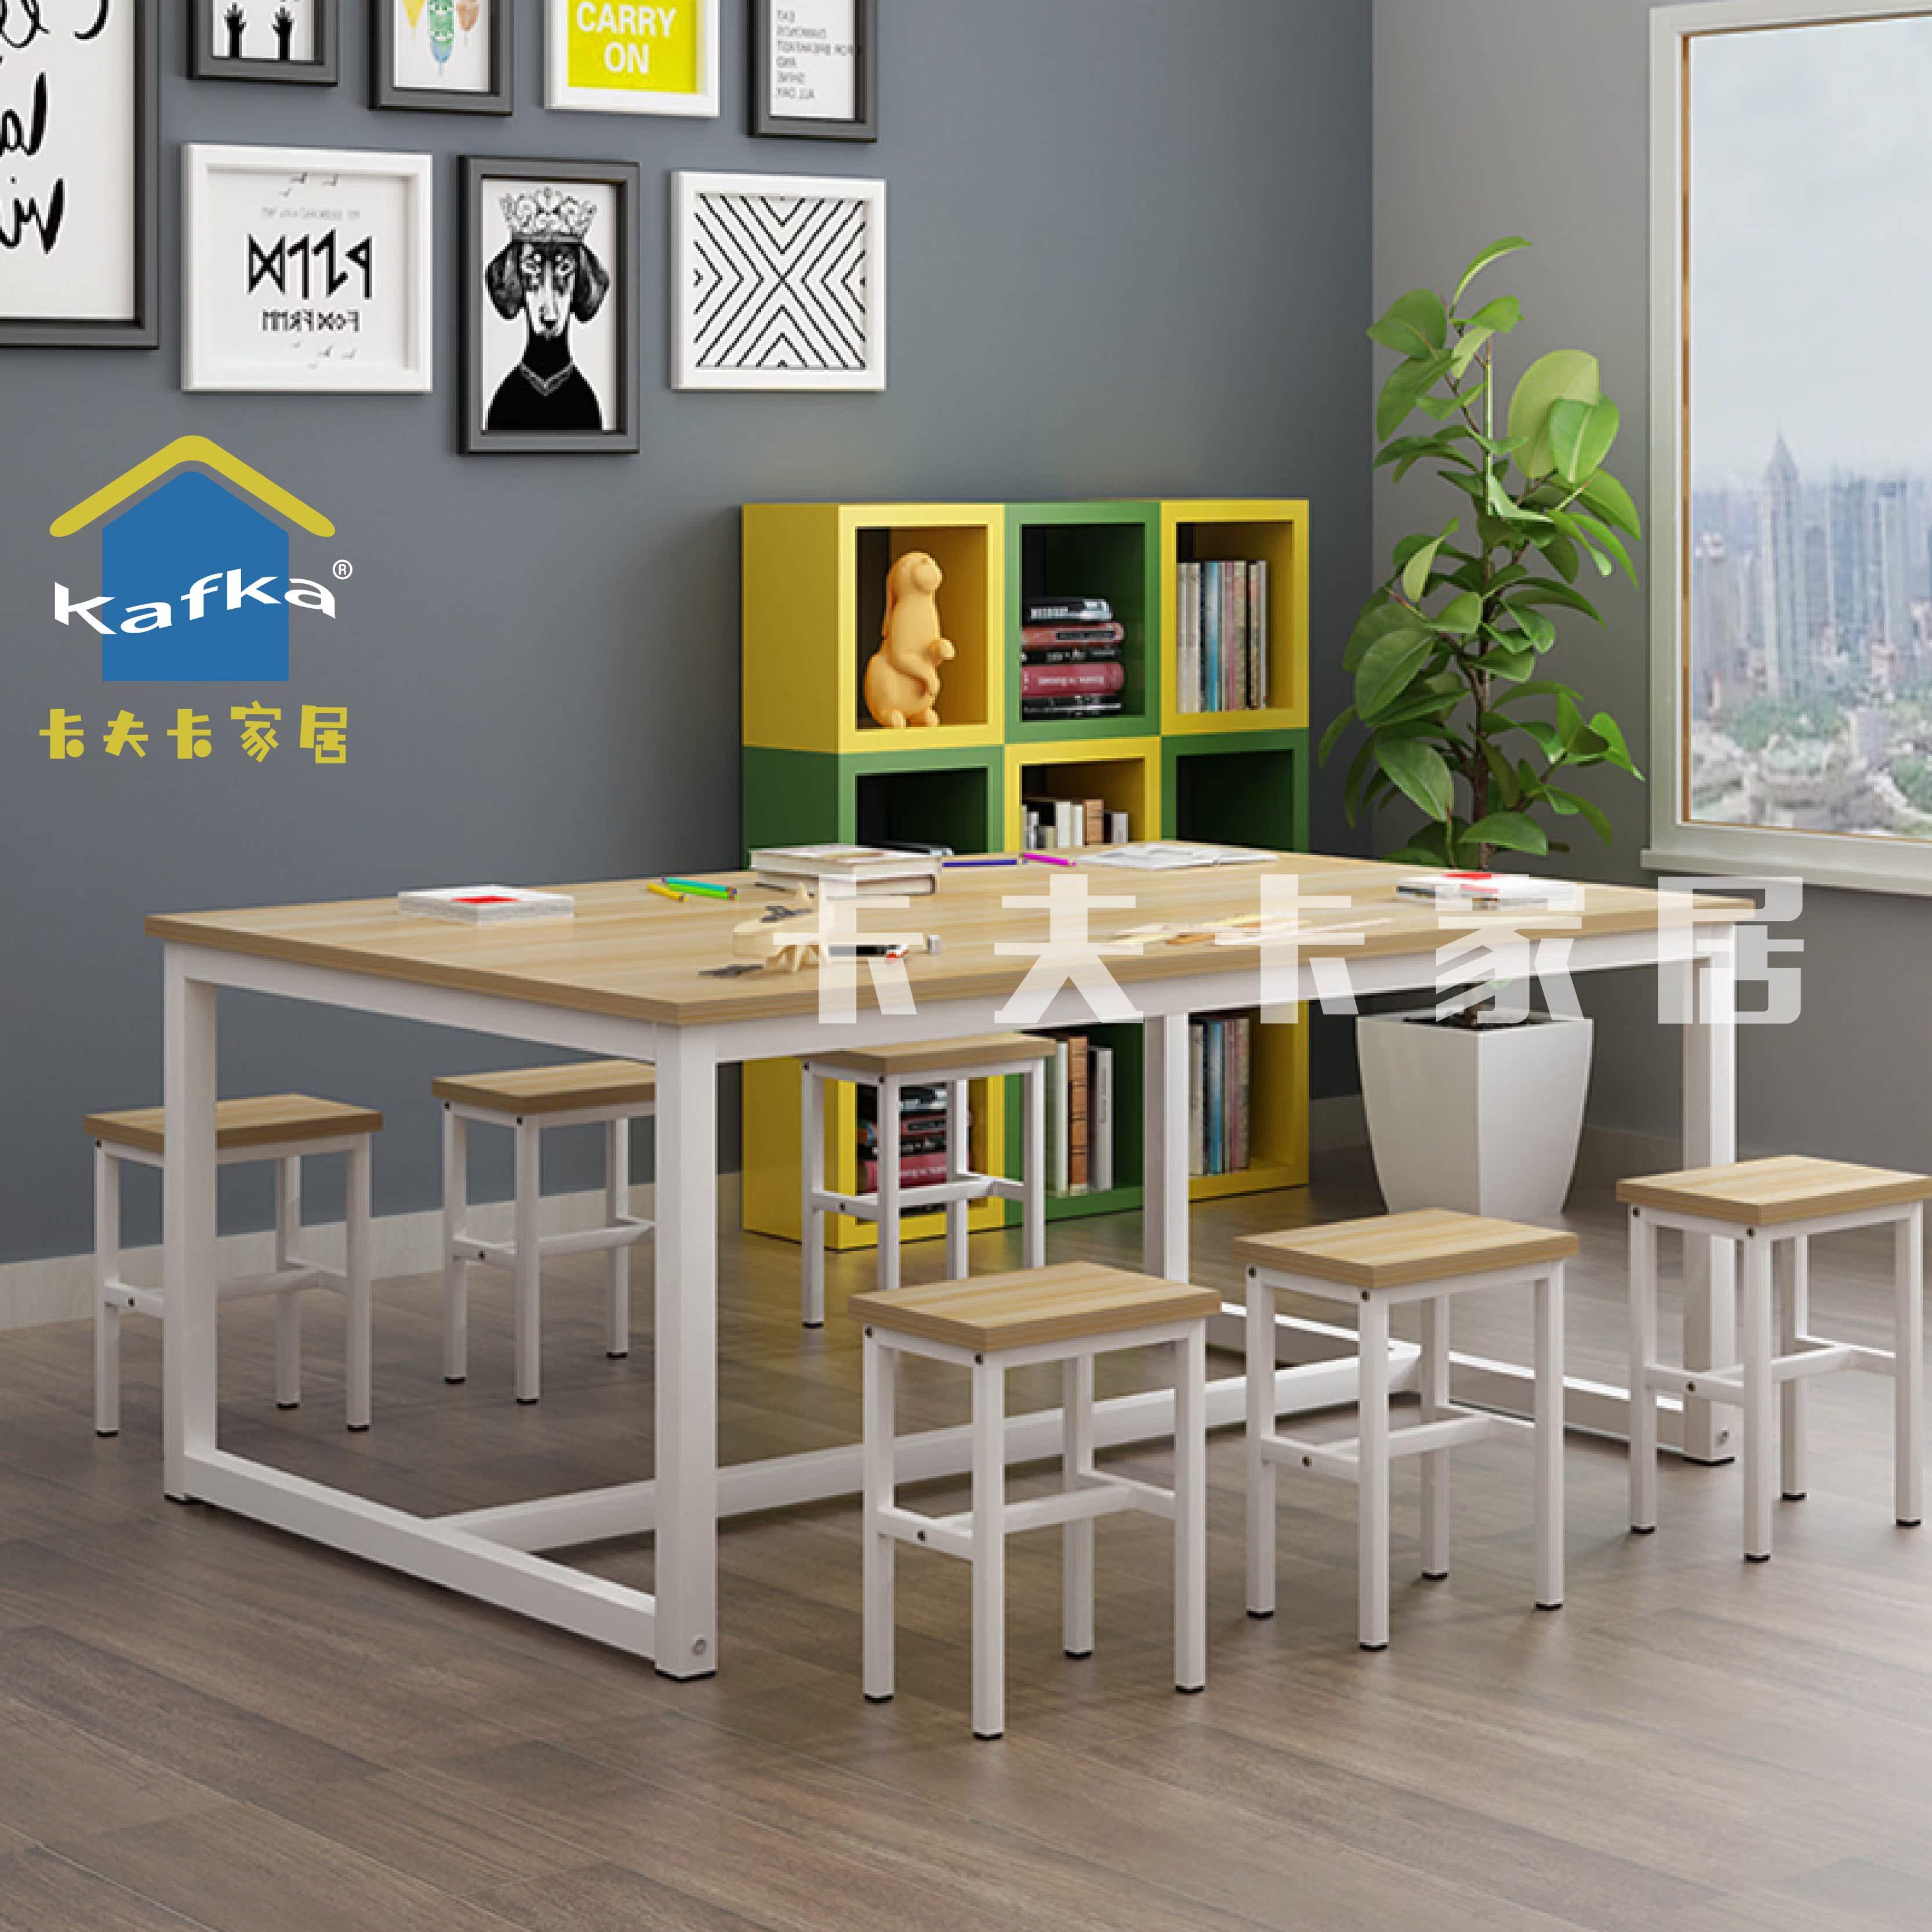 Школьная мебель Артикул 594824412624